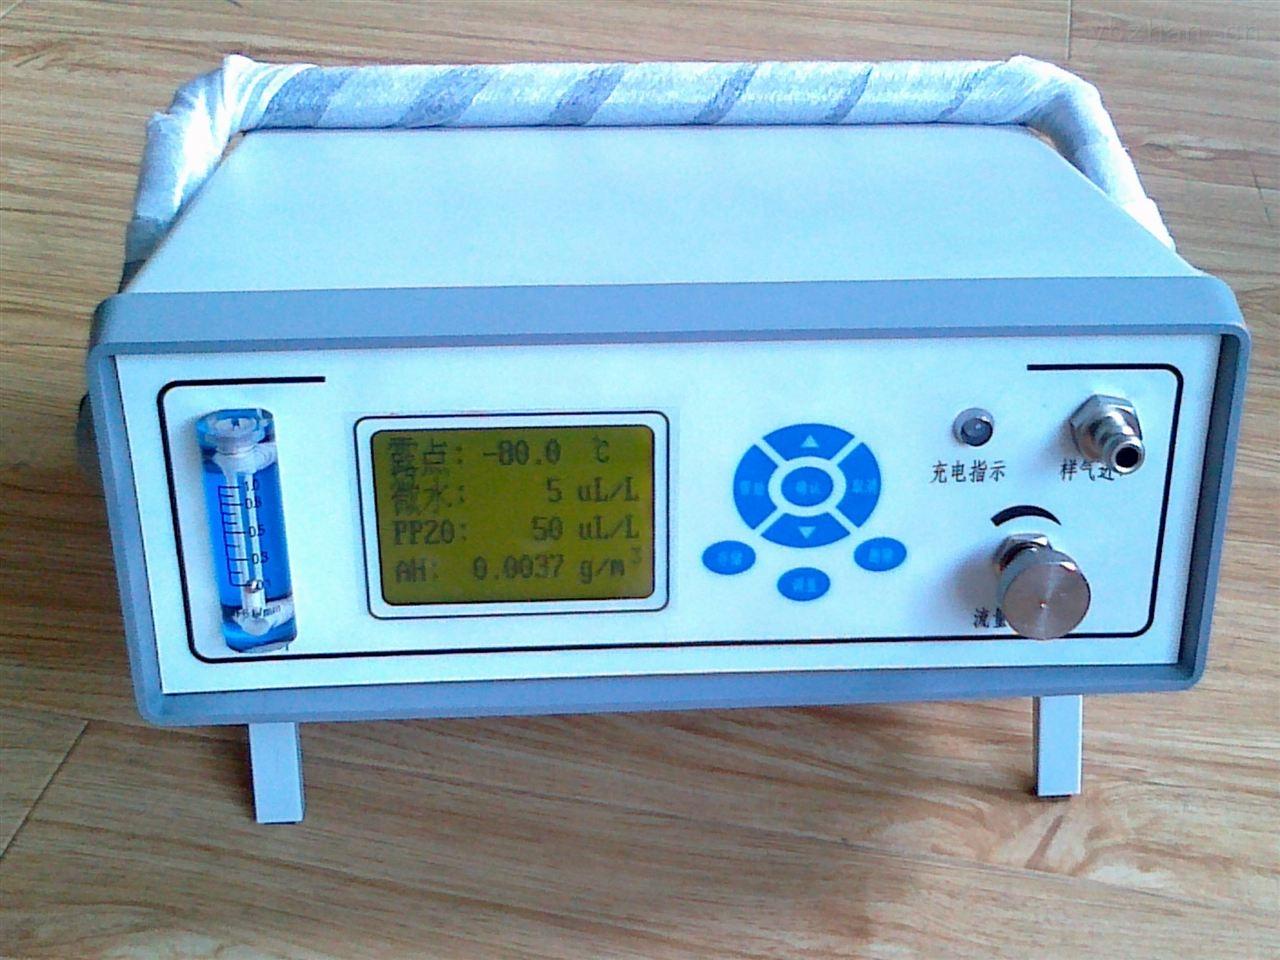 SF6智能微水儀 六氟化硫智能水分測定儀